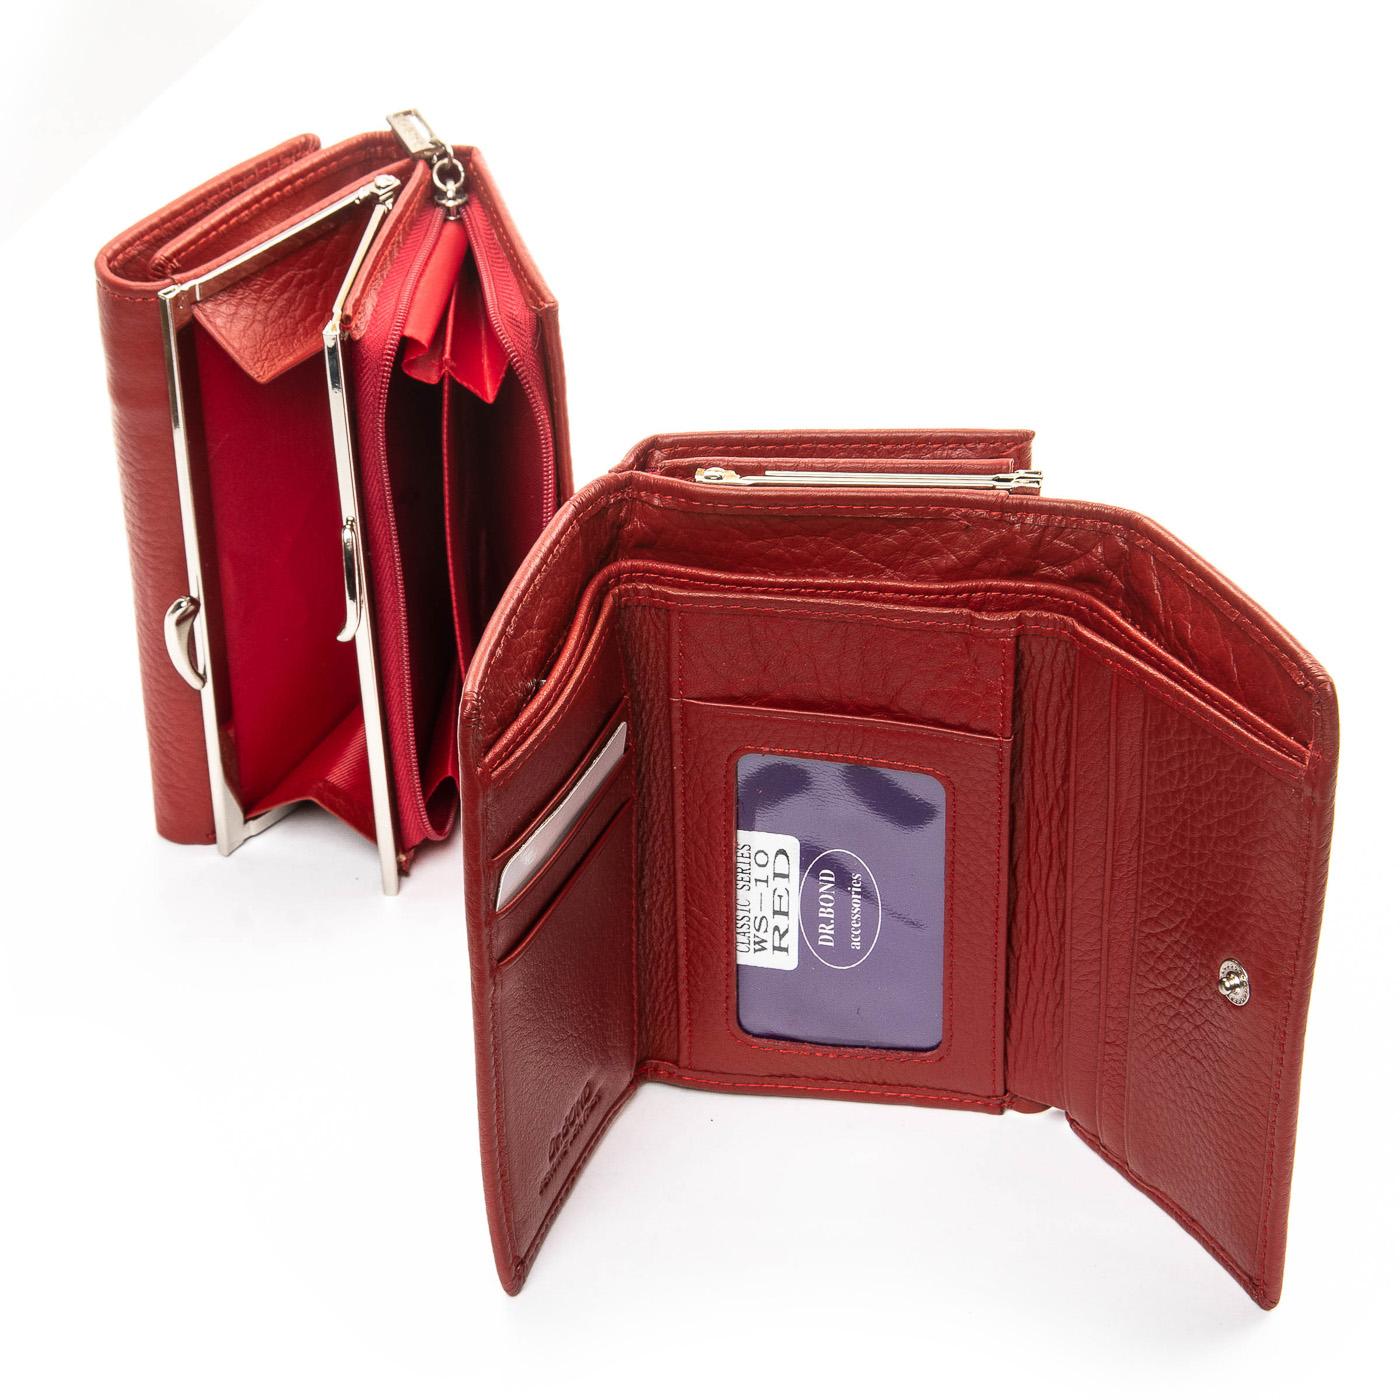 Кошелек Classic кожа DR. BOND WS-10 red